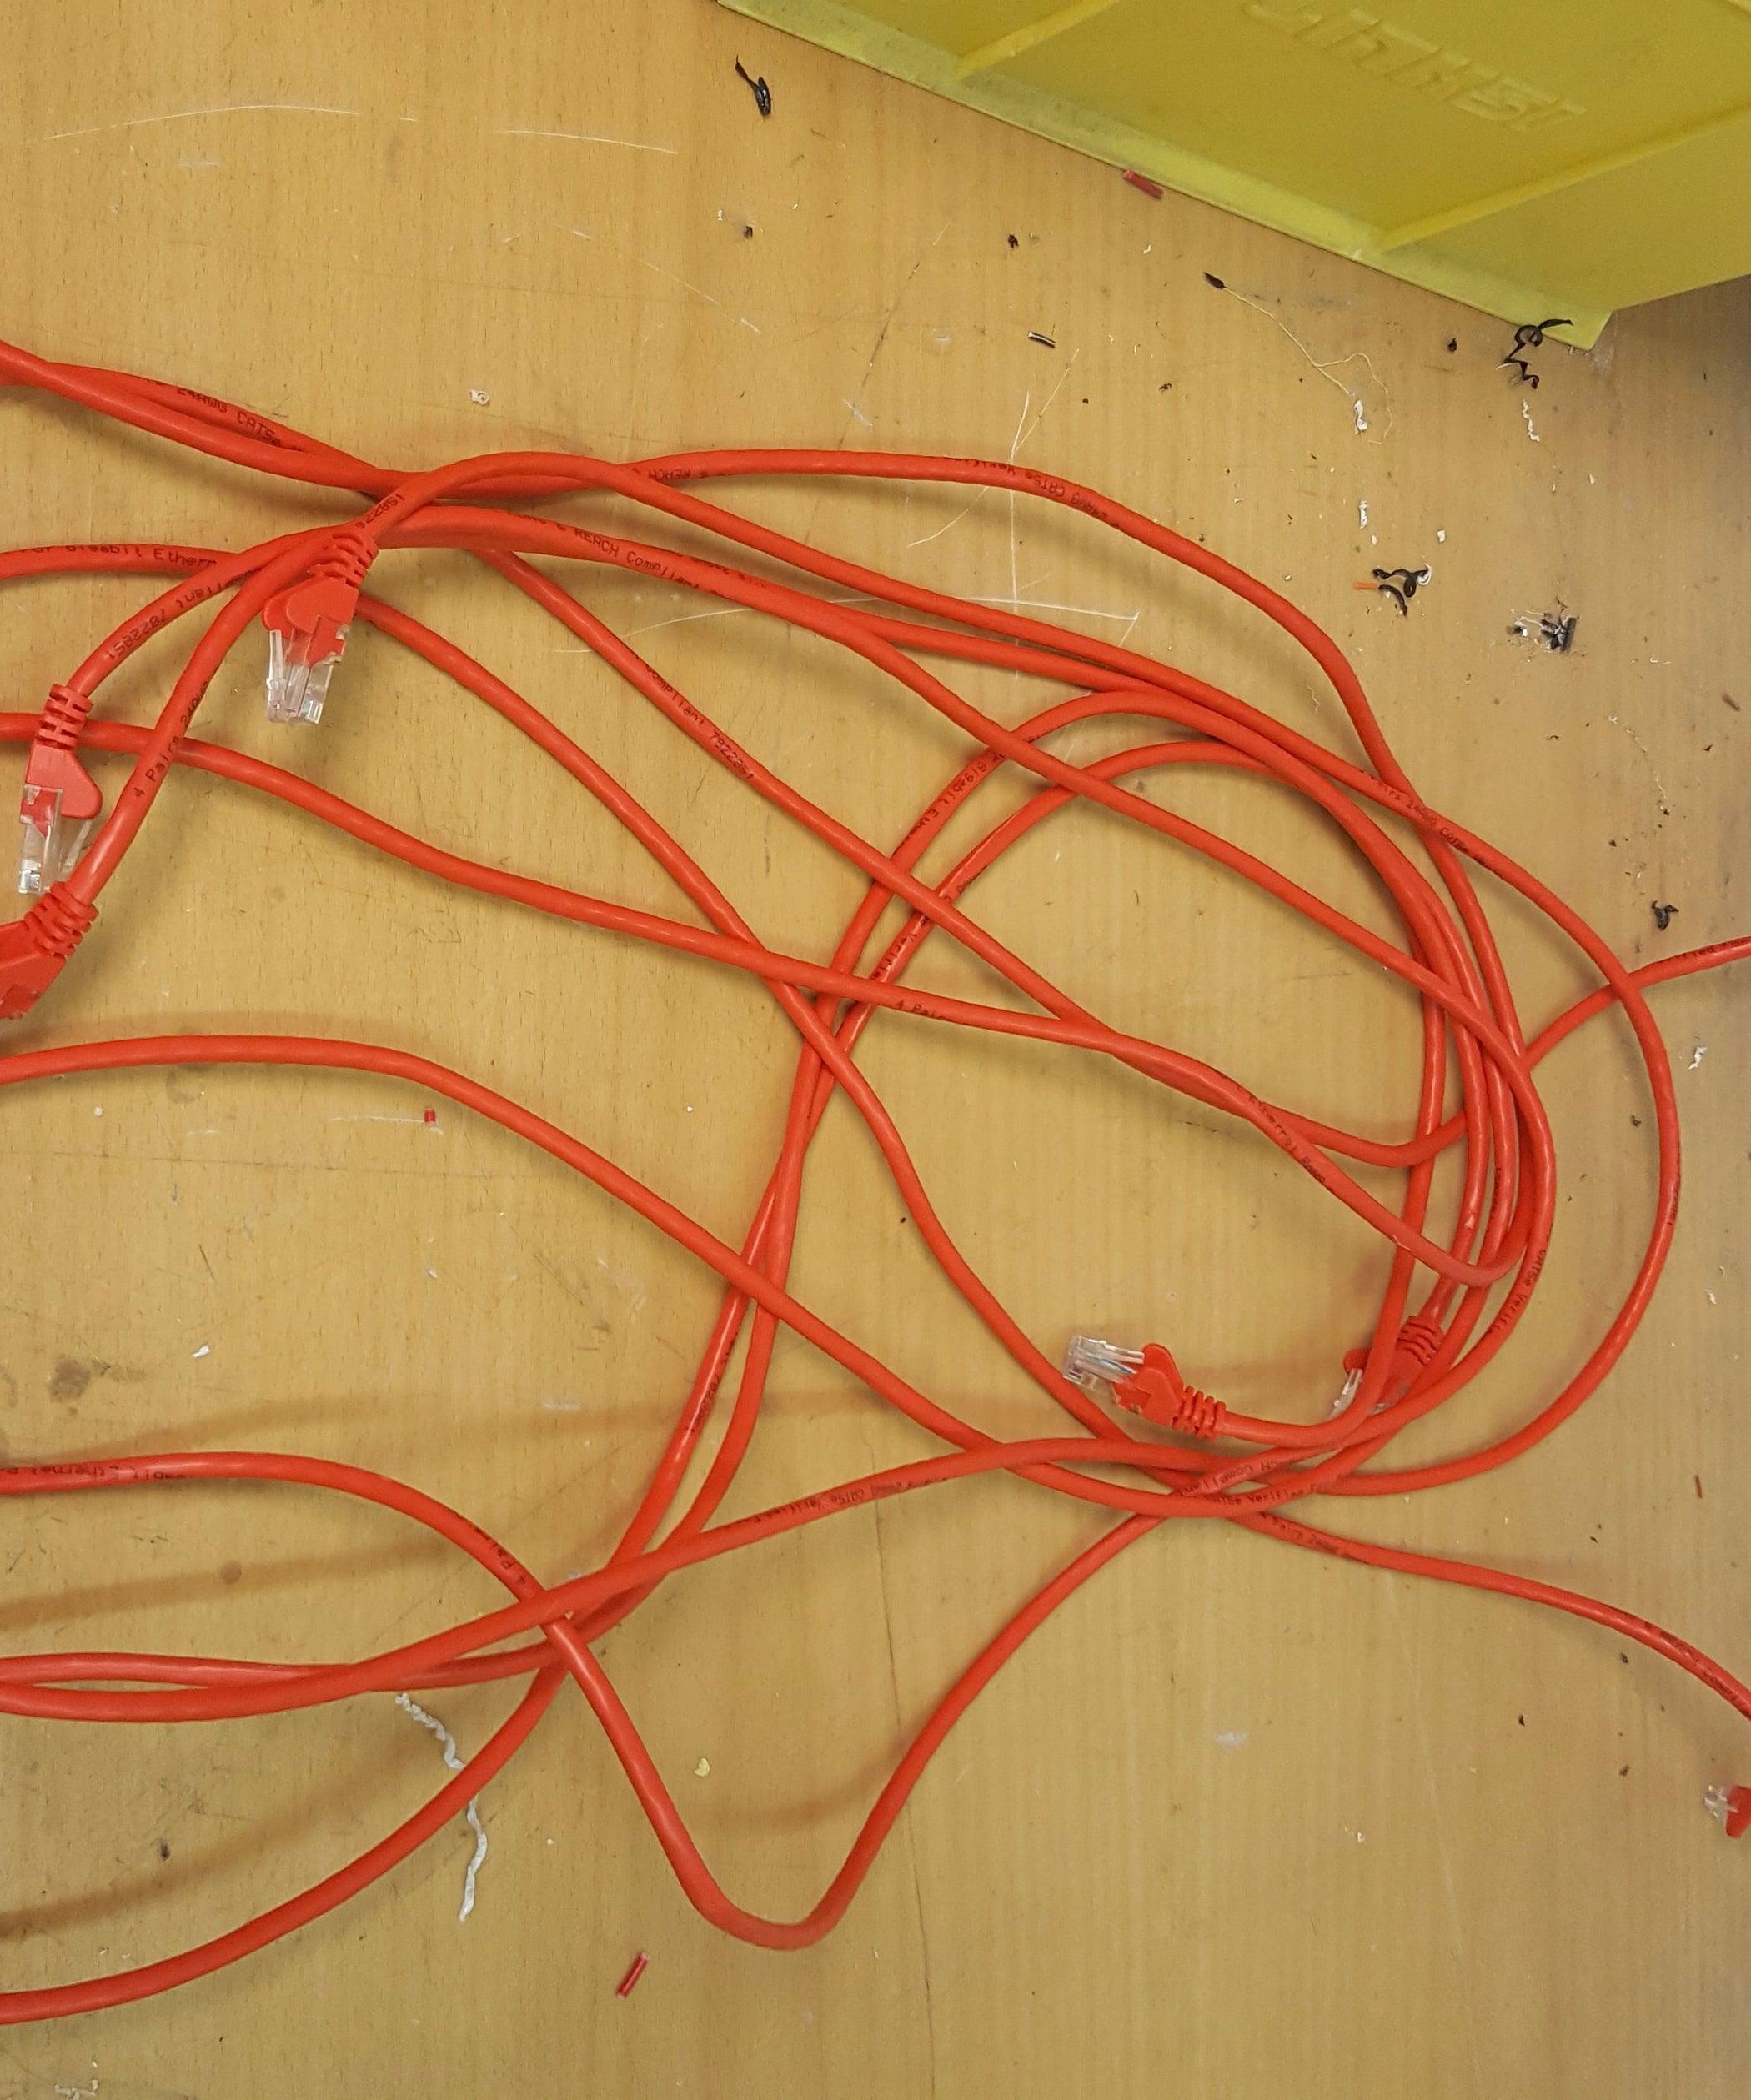 Zip-Tie Cable Management: 3 Steps